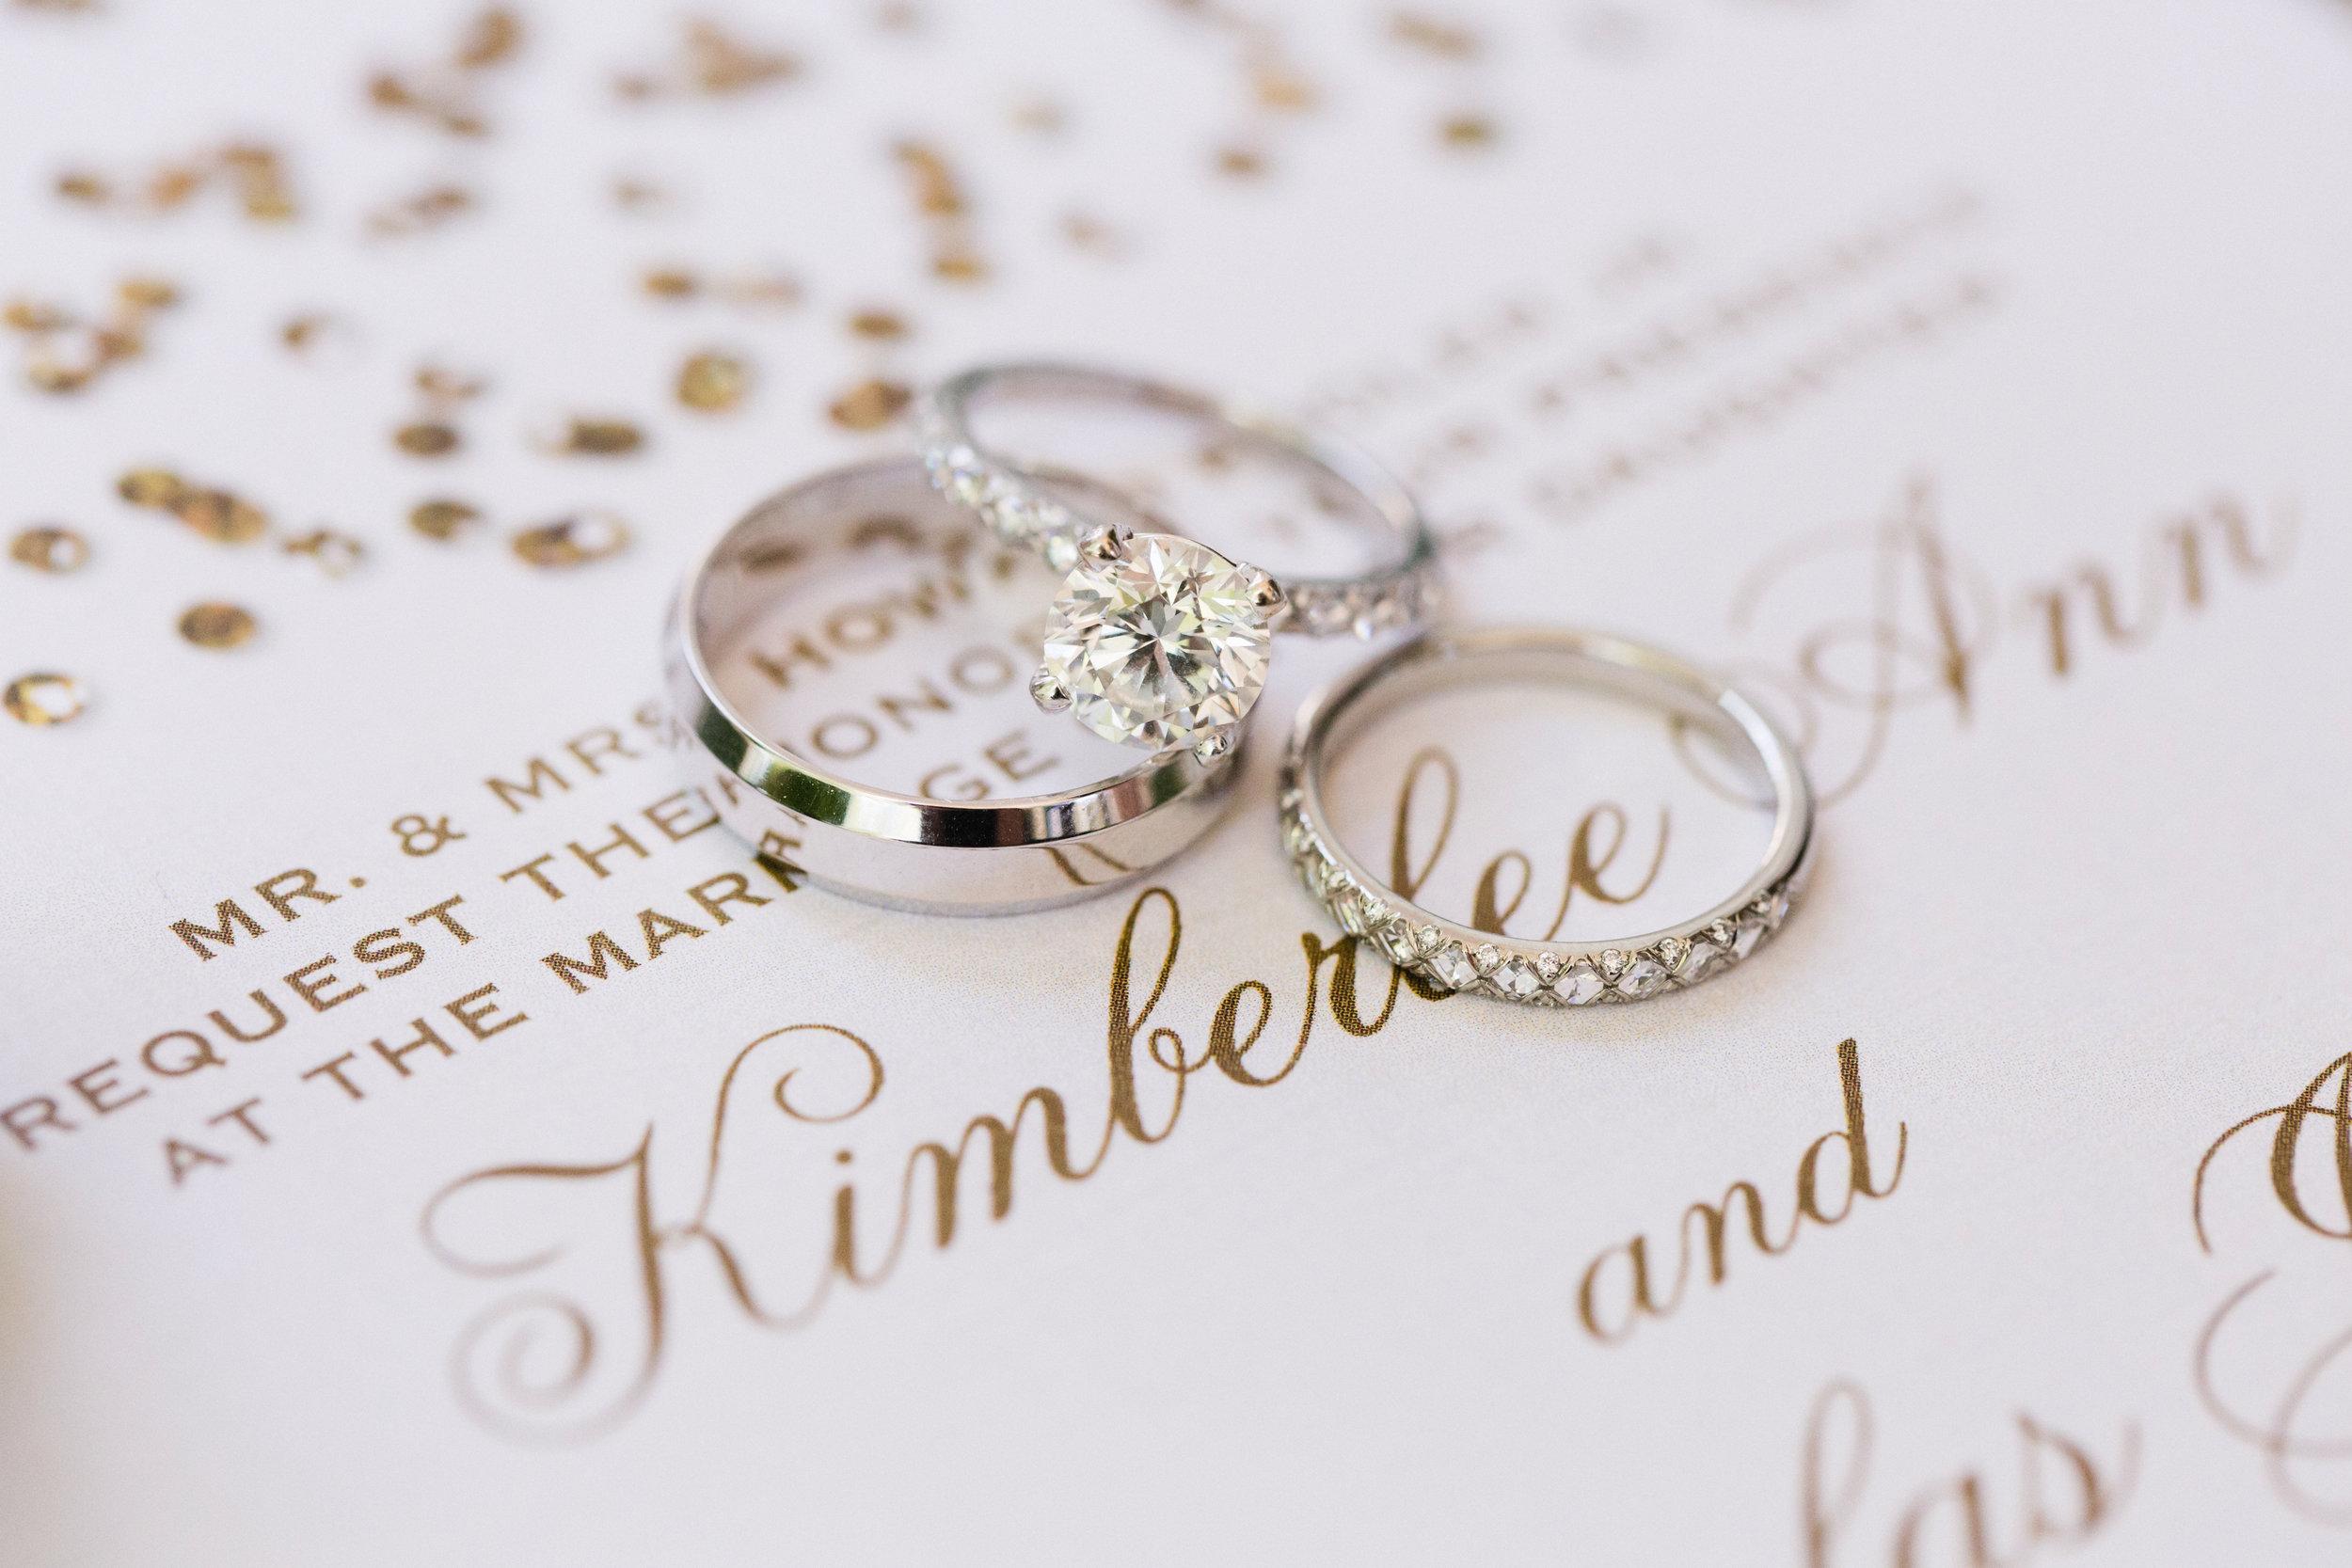 Rings + Invitation.jpg